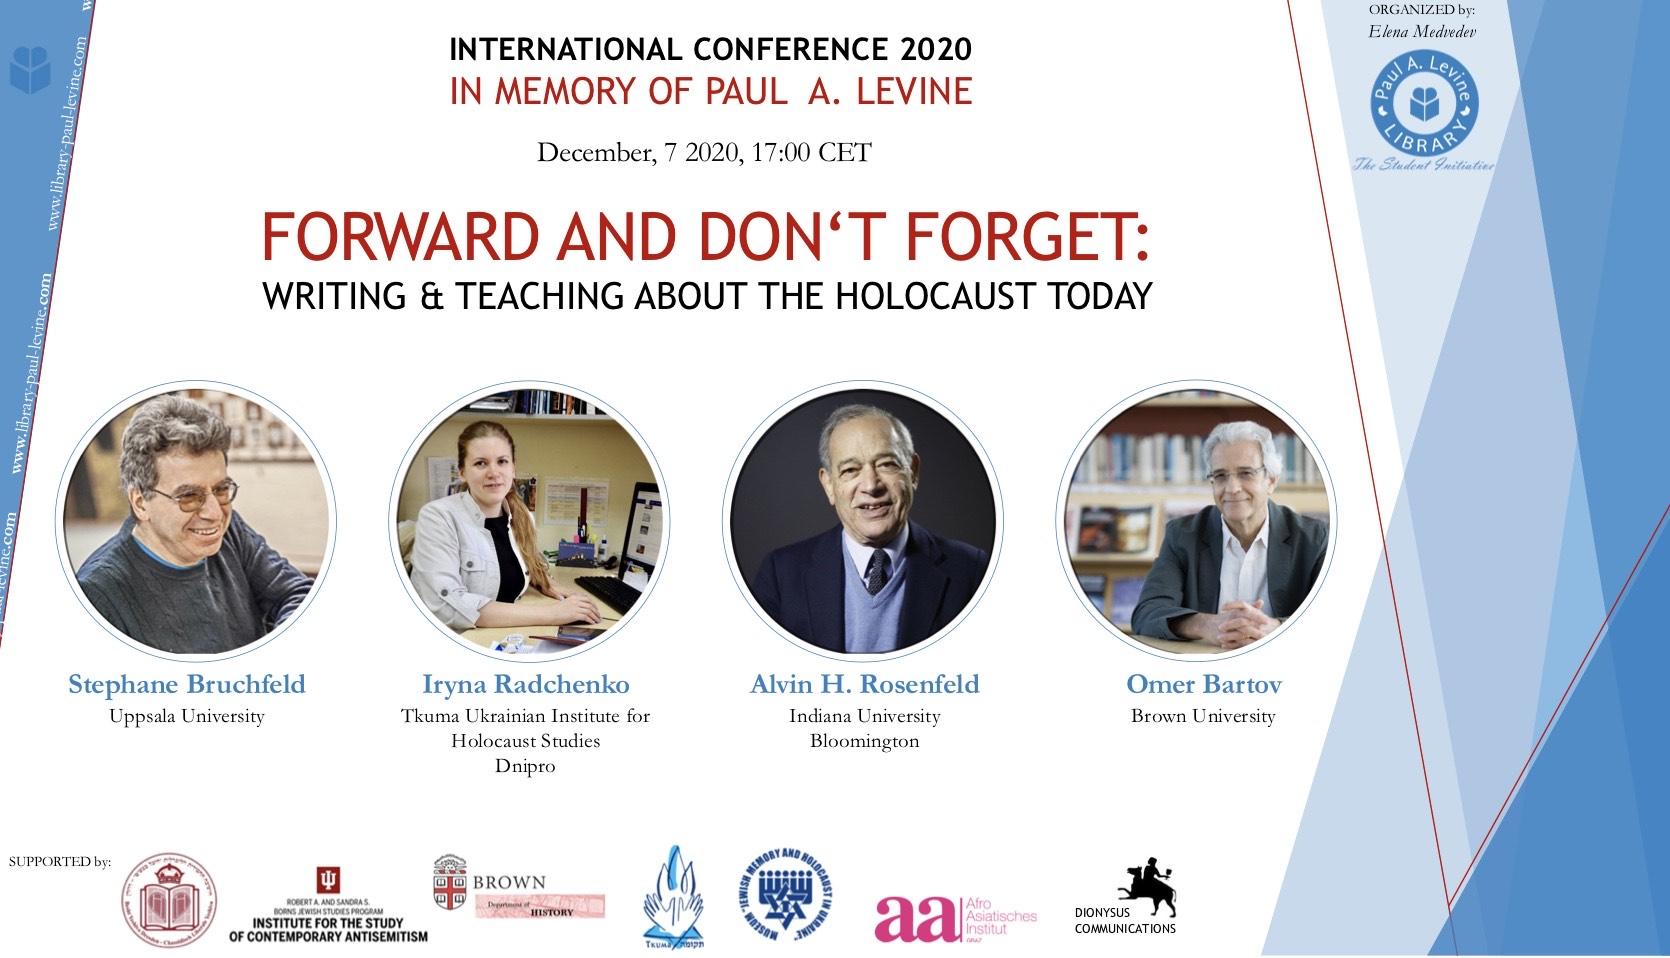 Запрошуємо на Міжнародну конференцію-вебінар «Пам'ятаючи минуле: написання наукових робіт та викладання історії Голокосту в наші дні»